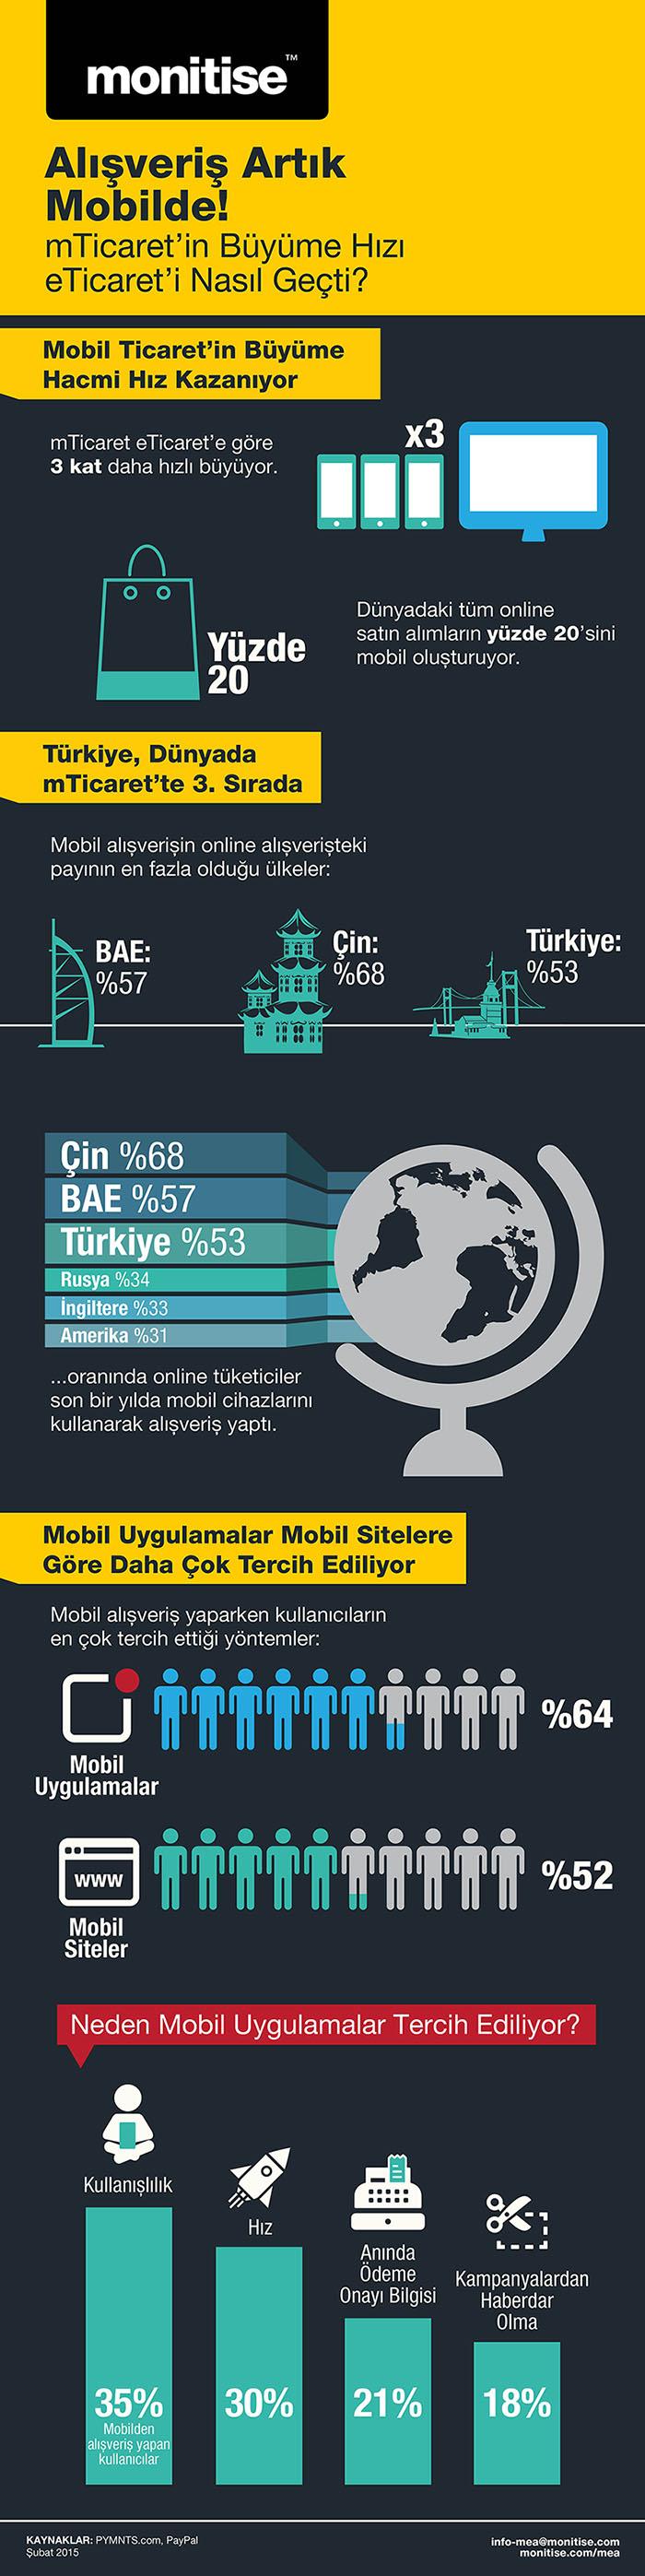 infographic_commerce_cs5